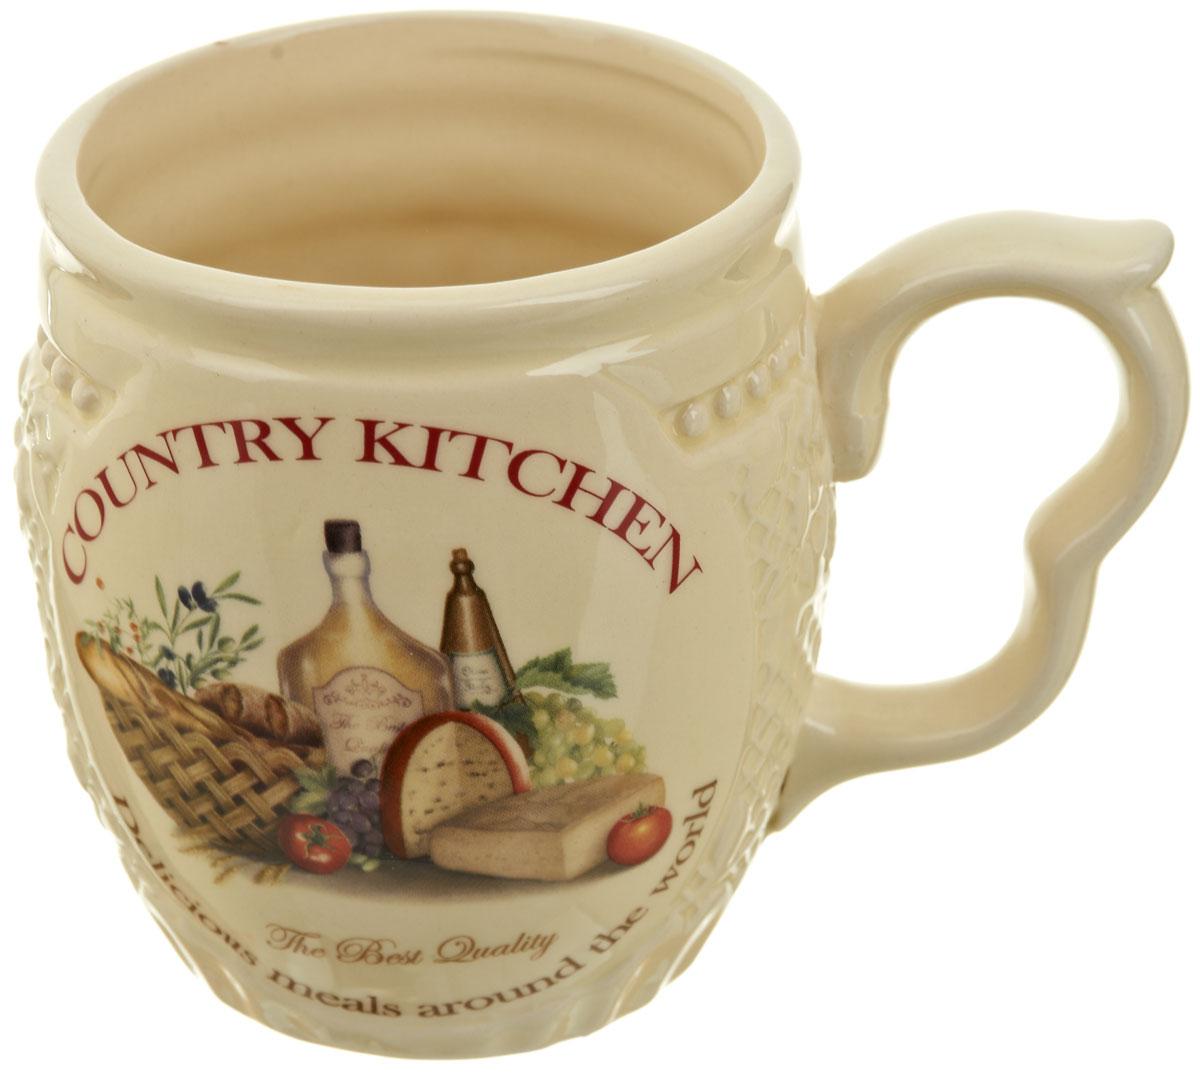 Кружка Polystar Country Kitchen, 480 млL0210039Кружка Country Kitchen, выполненная из высококачественной керамики, декорирована оригинальным рисунком. Изделие оснащено изящной удобной ручкой. Кружка сочетает в себе оригинальный дизайн и функциональность. Благодаря такой кружке пить напитки будет еще вкуснее.